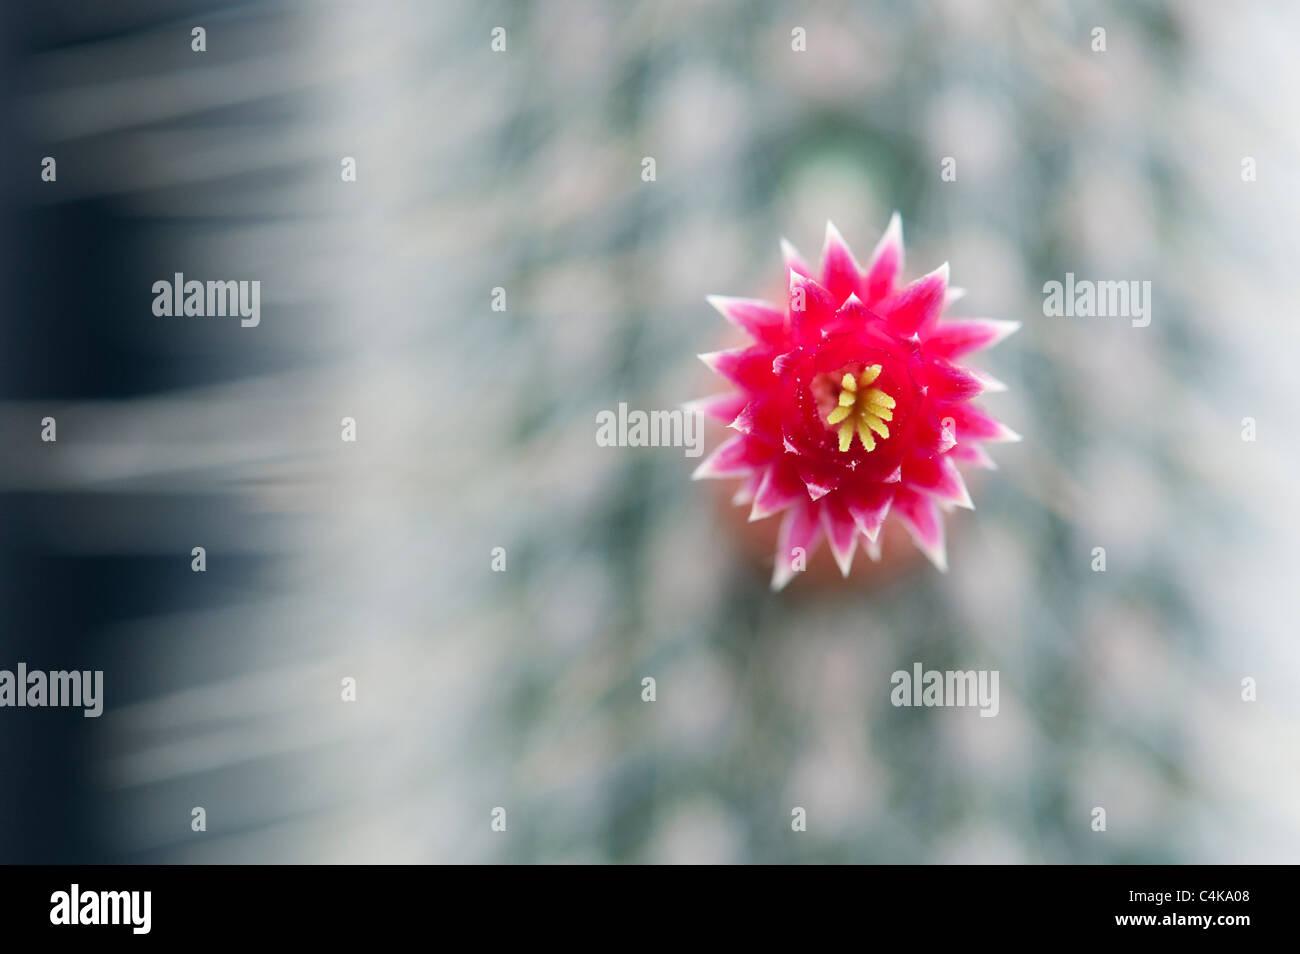 Cleistocactus parviflorus . Fioritura Cactus Immagini Stock